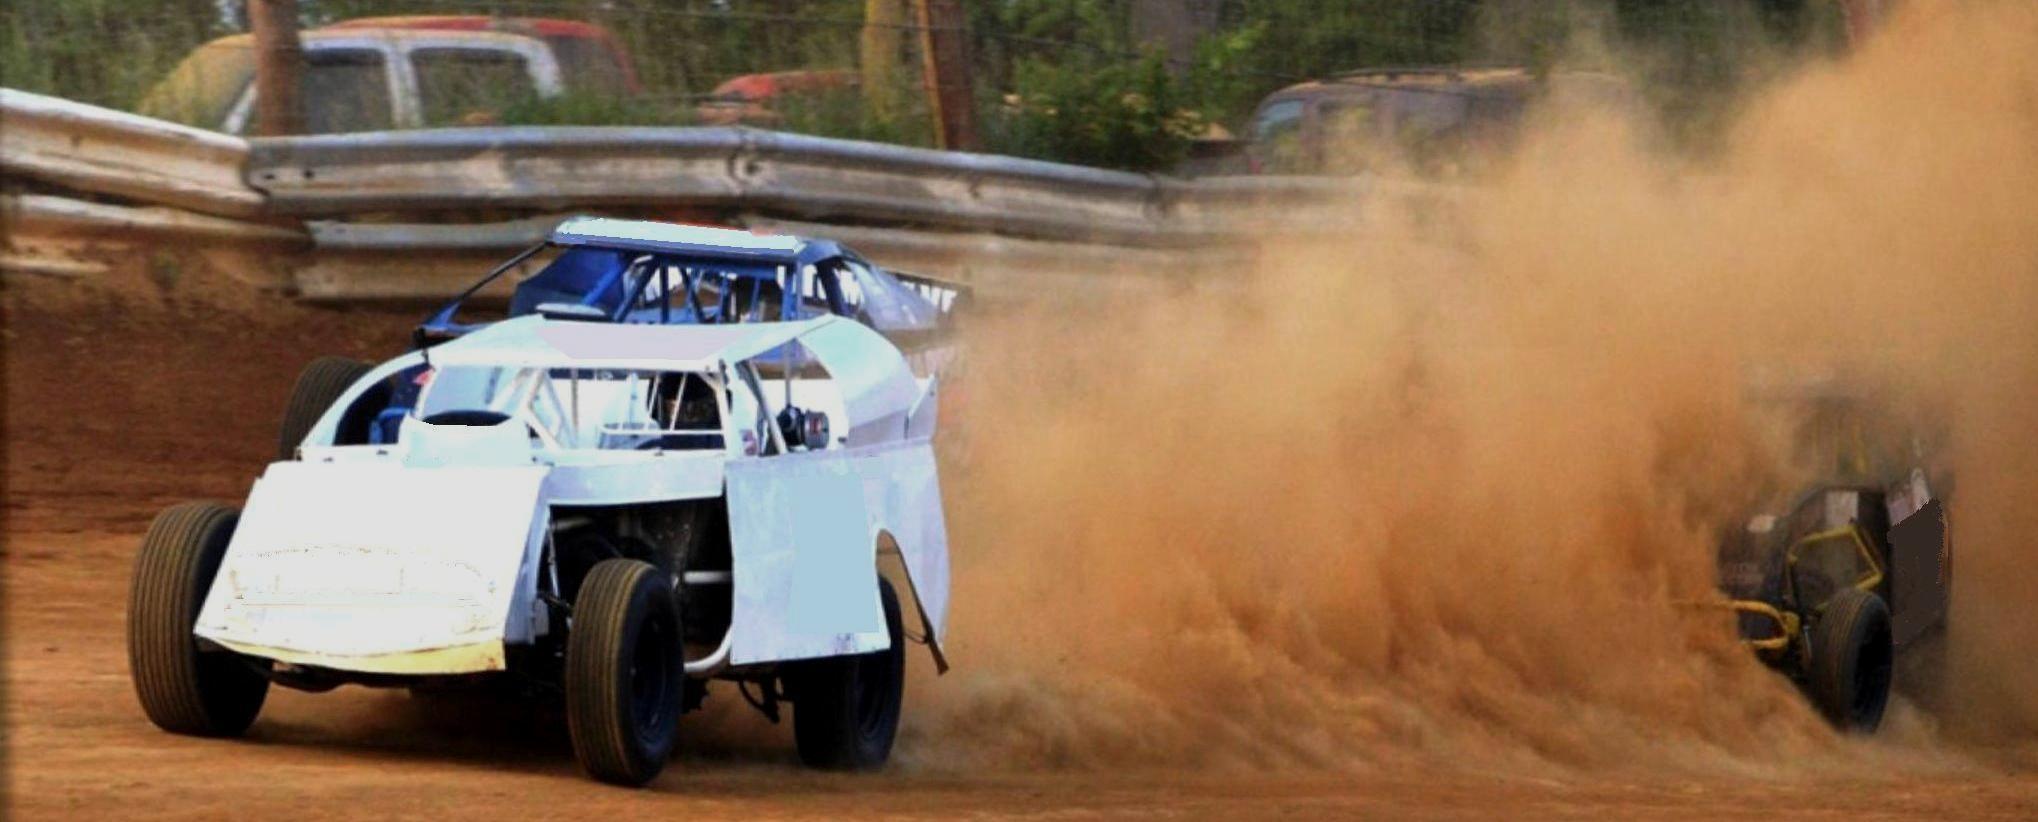 Dirt Racing Air Filters